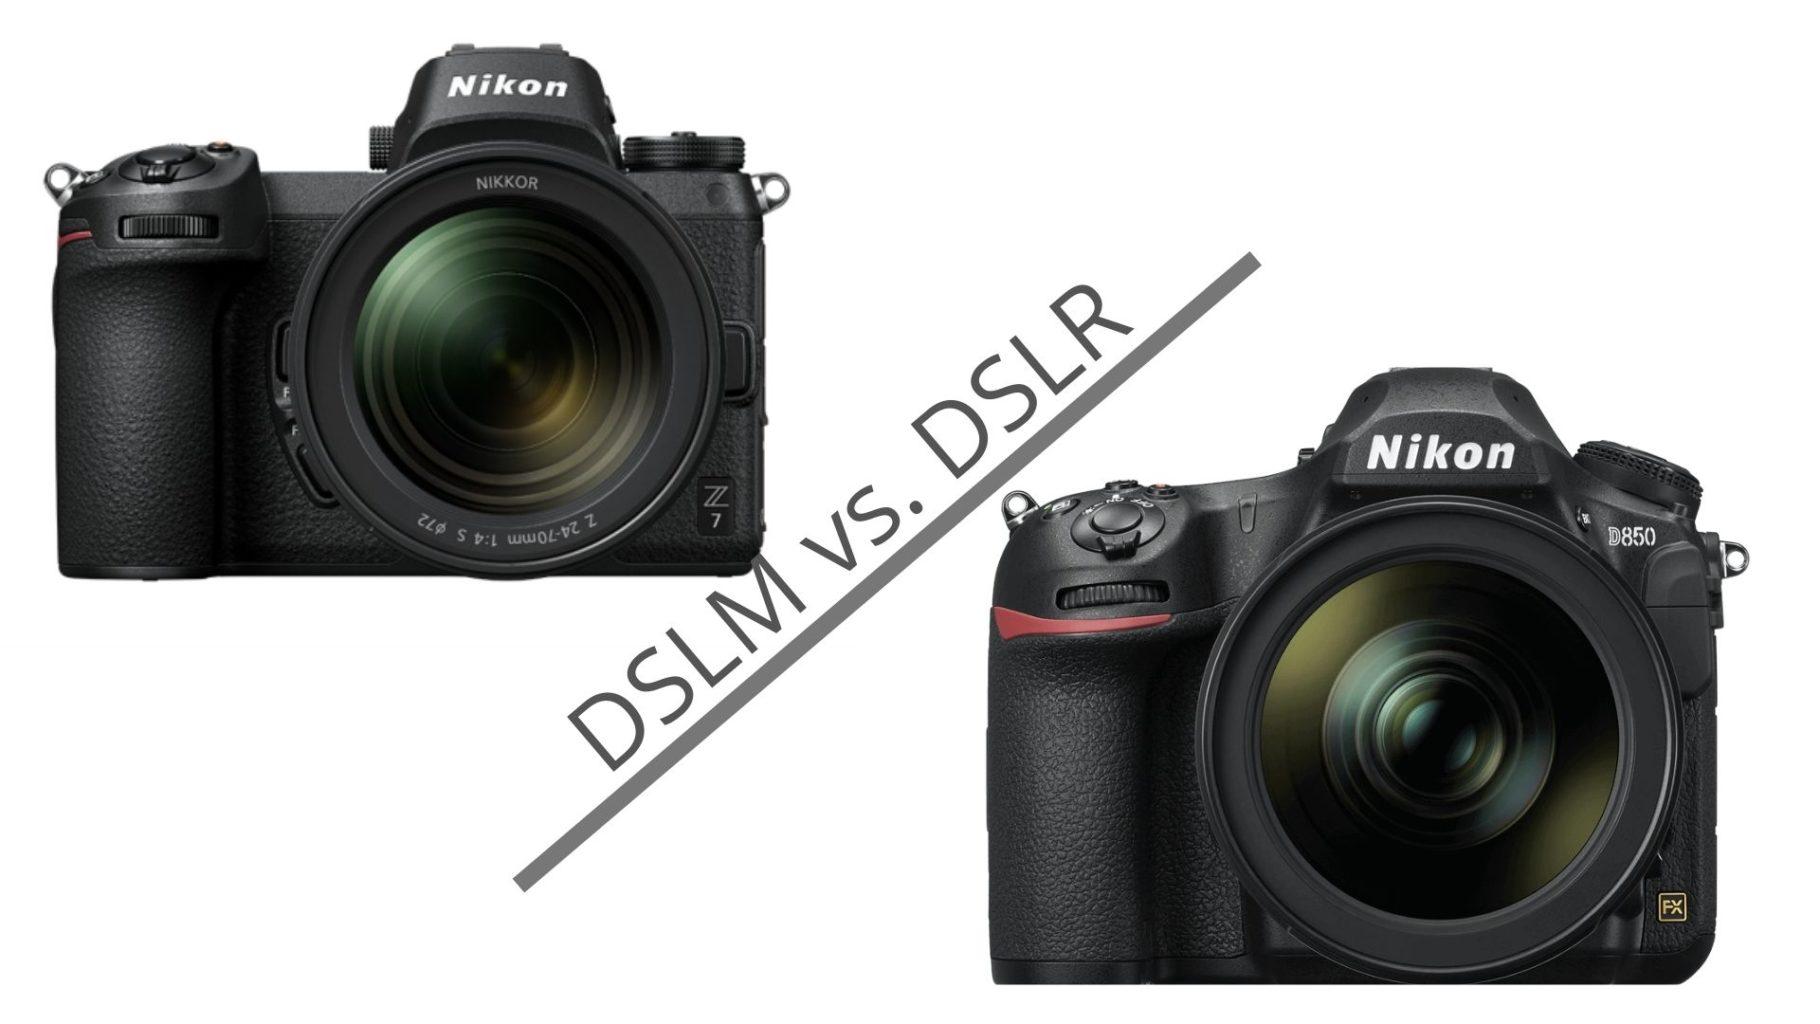 DSLR vs DSLM, die Unterschiede kurz erklärt.